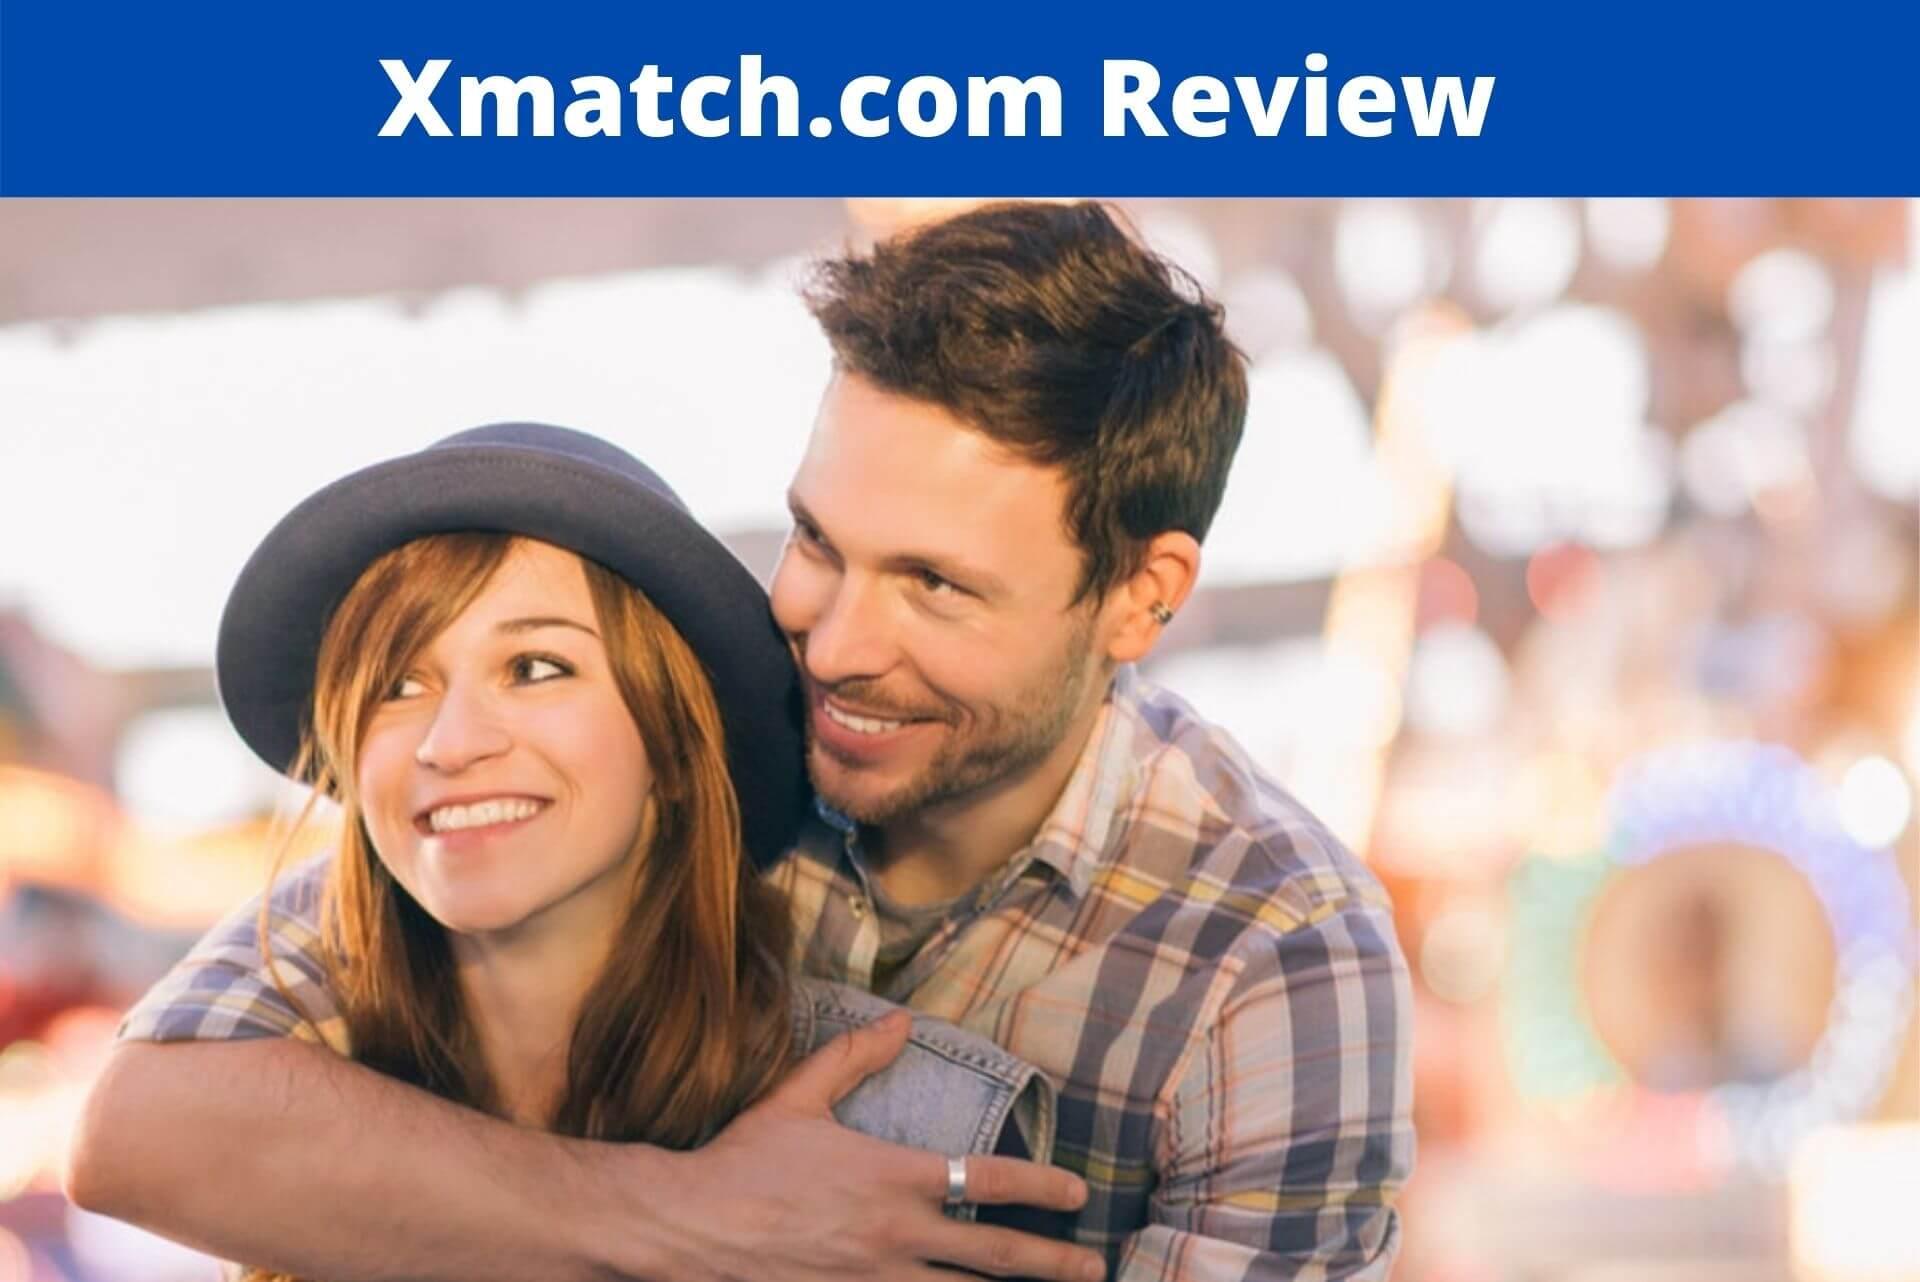 Xmatch.com Review